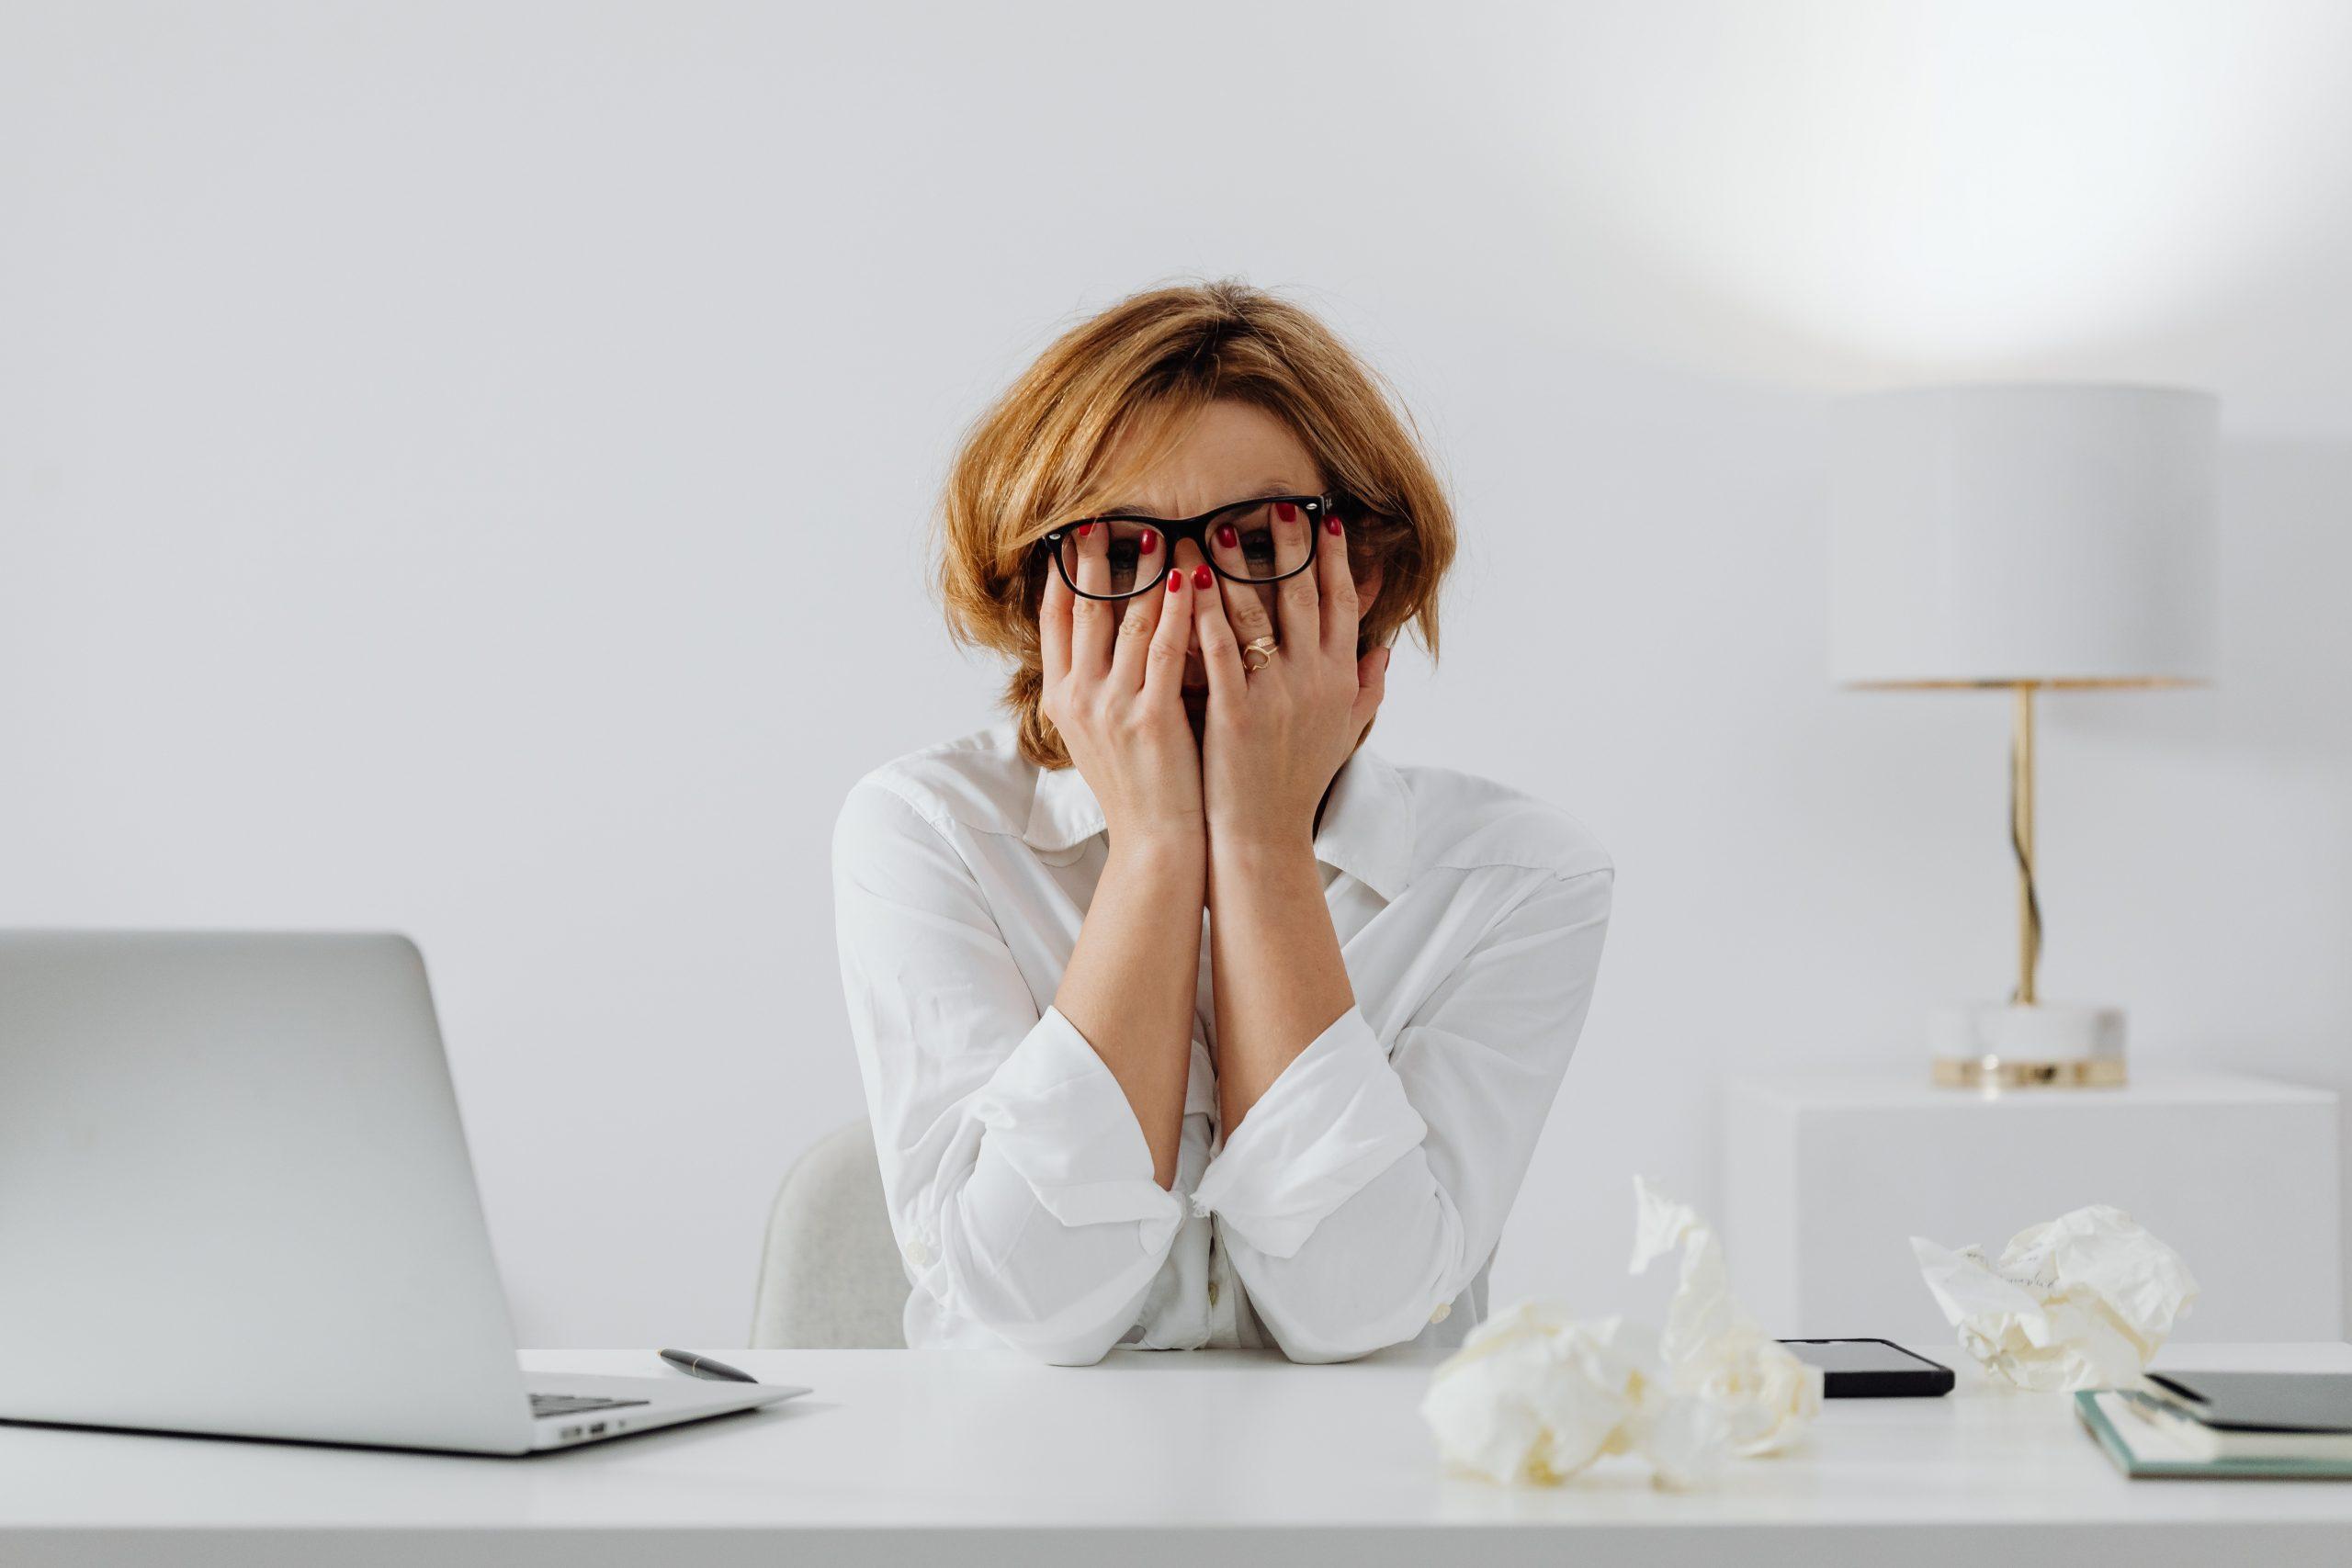 ¿Cómo cuidar la salud mental en casa?